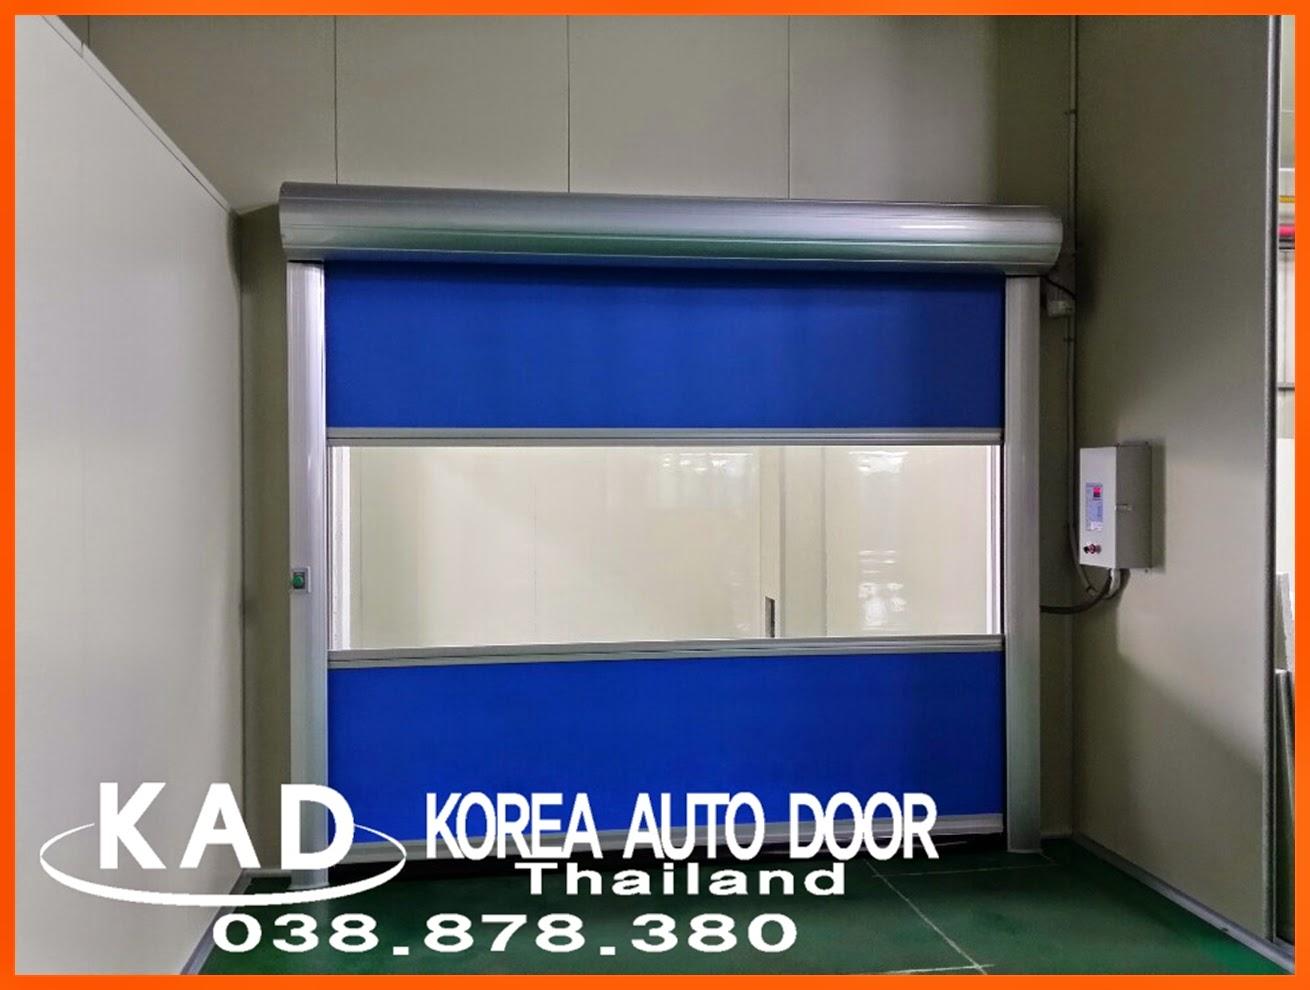 kad high speed door thailand